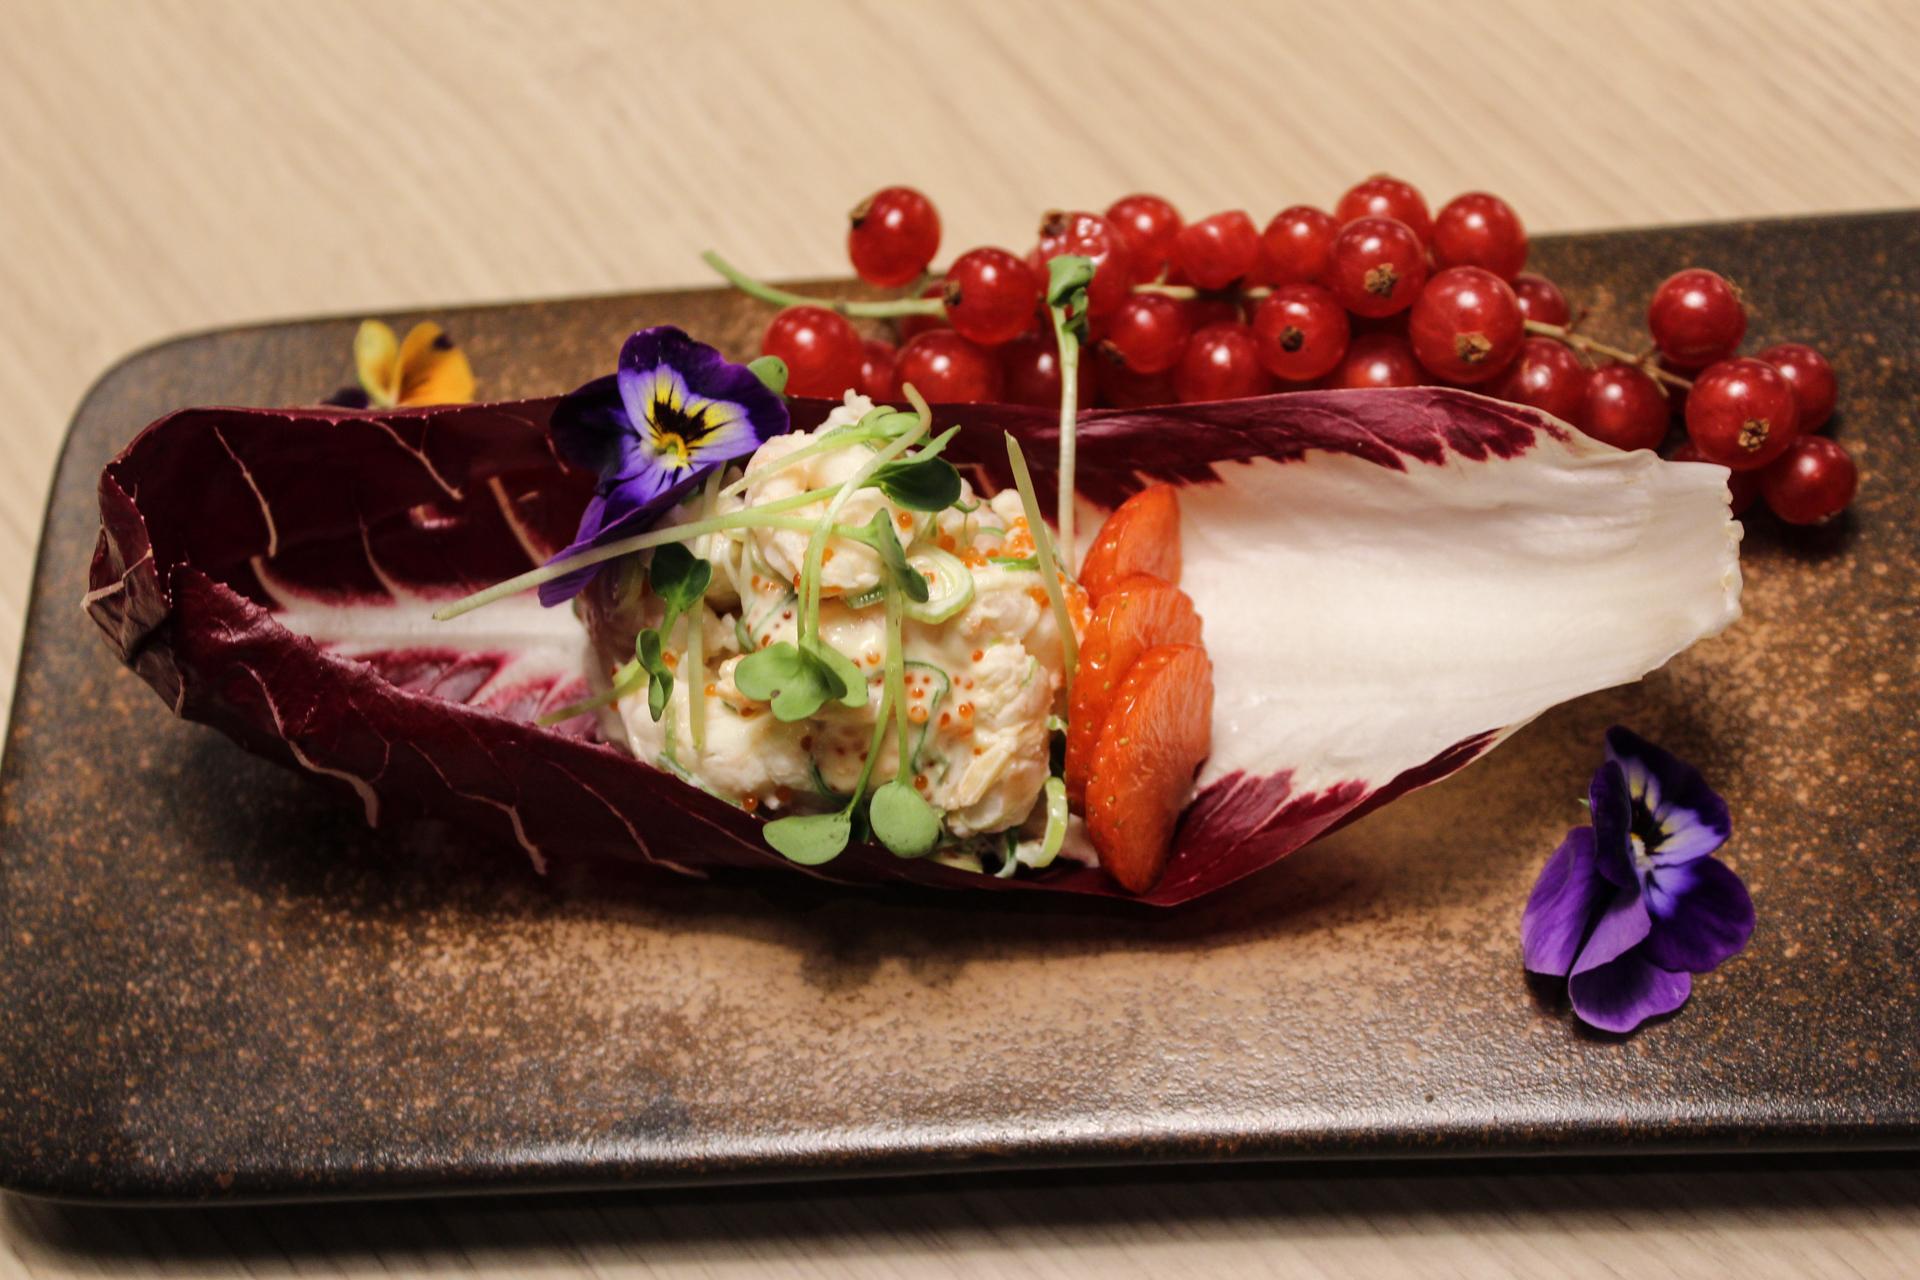 A+ Siam Sushi: Laver vild nytårs-sushimenu fra 250 kroner per person